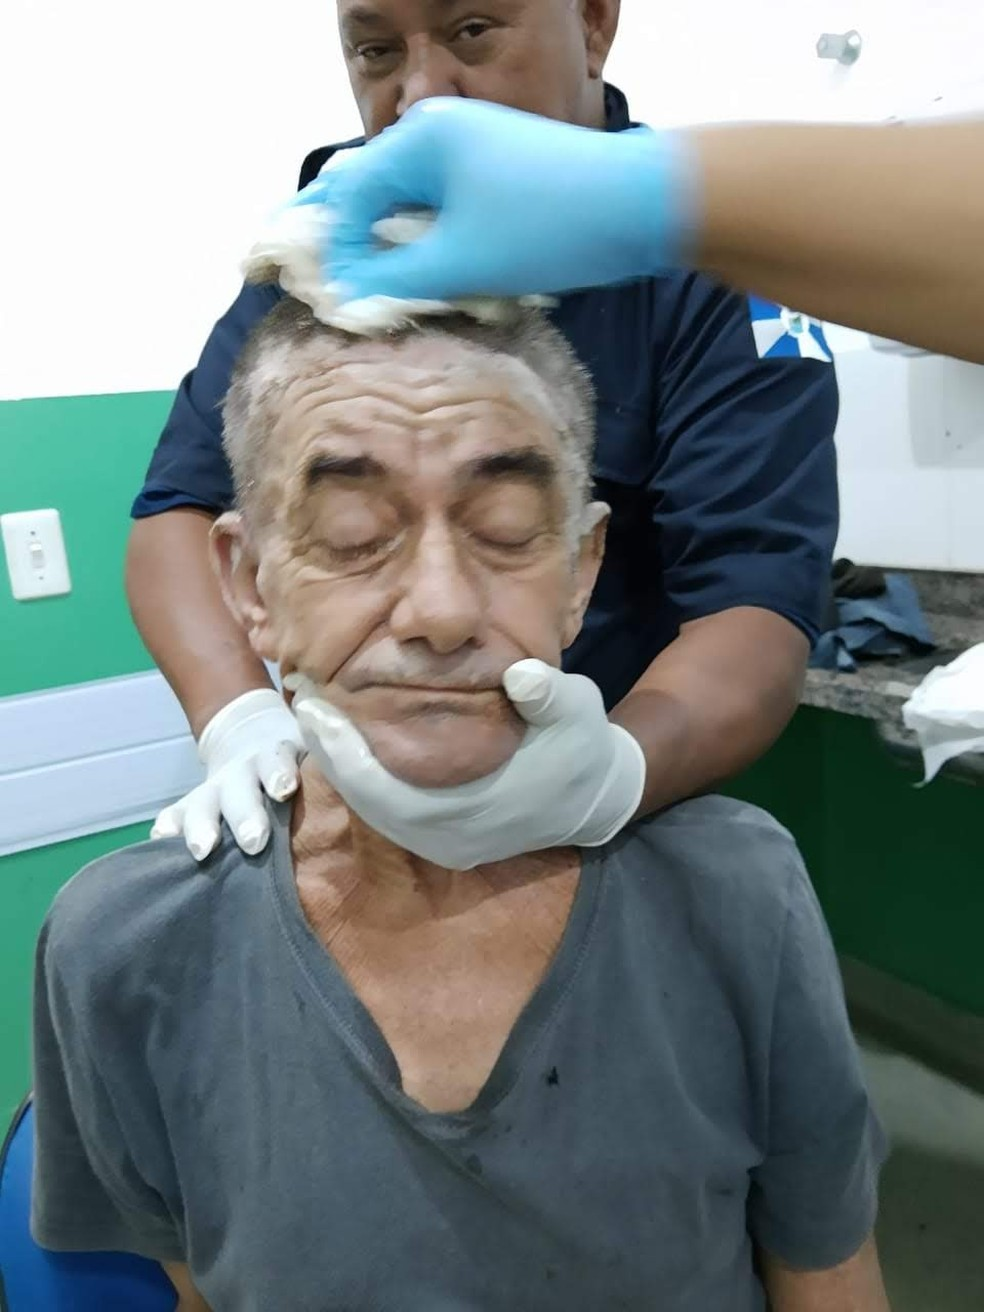 Morador de rua recebe tratamento e 'dia de beleza' na UPA de Peruíbe (SP) — Foto:  Bruno Chehade/Arquivo pessoal